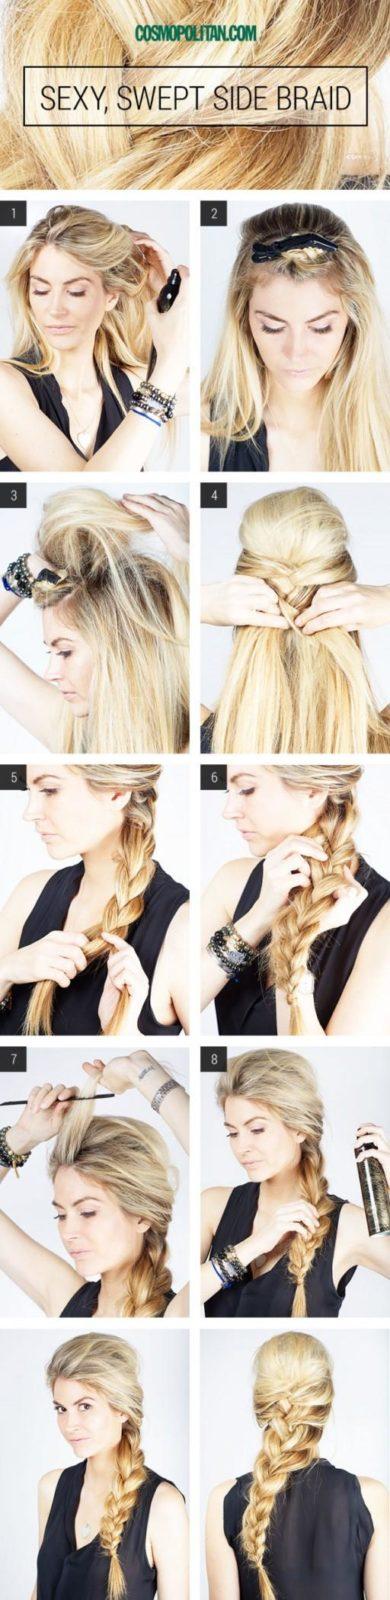 Прически на длинные волосы из кос: пышная коса